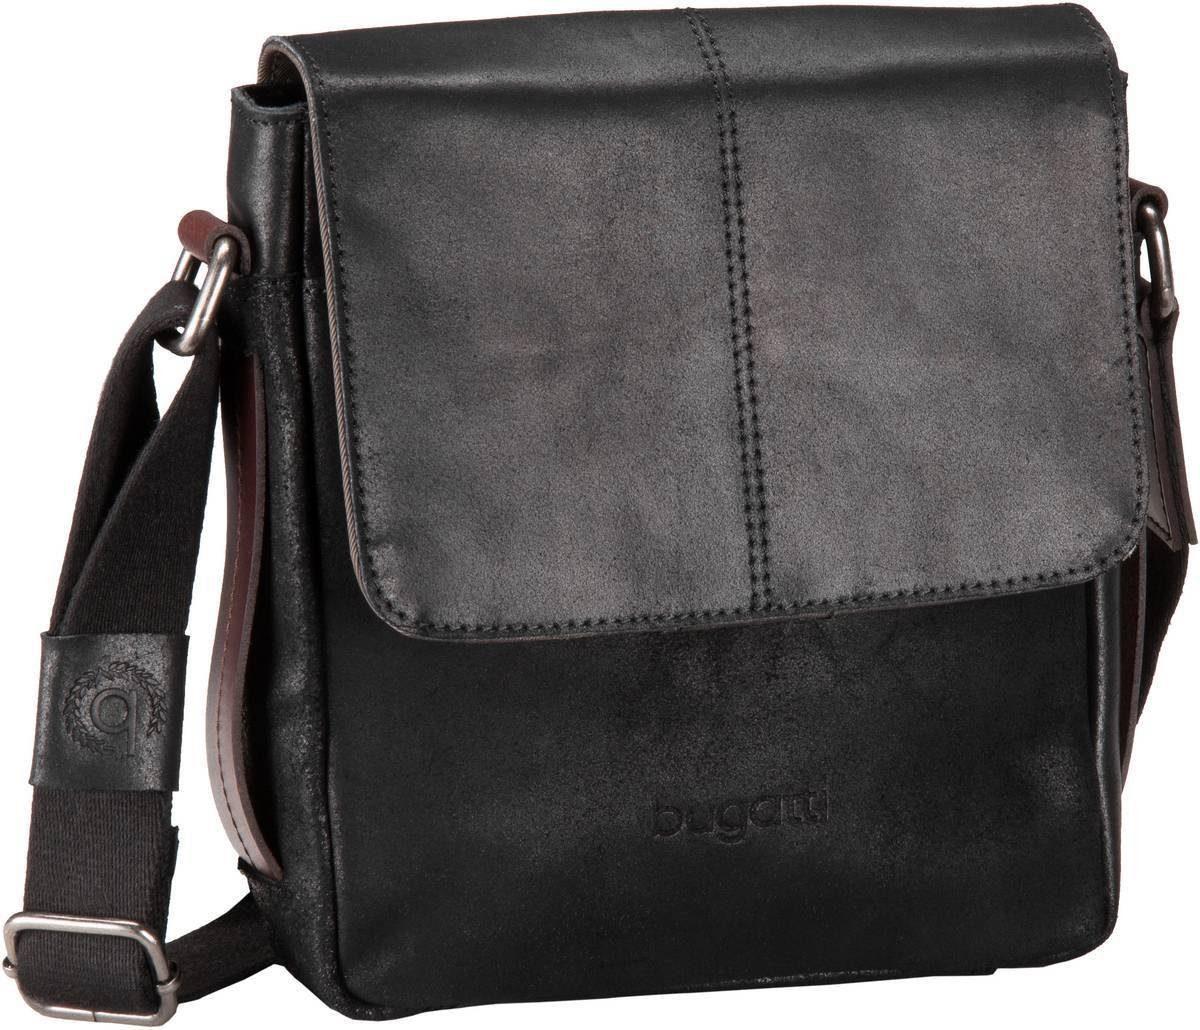 Bugatti Notebooktasche / Tablet »Grinta Messenger Bag Small«